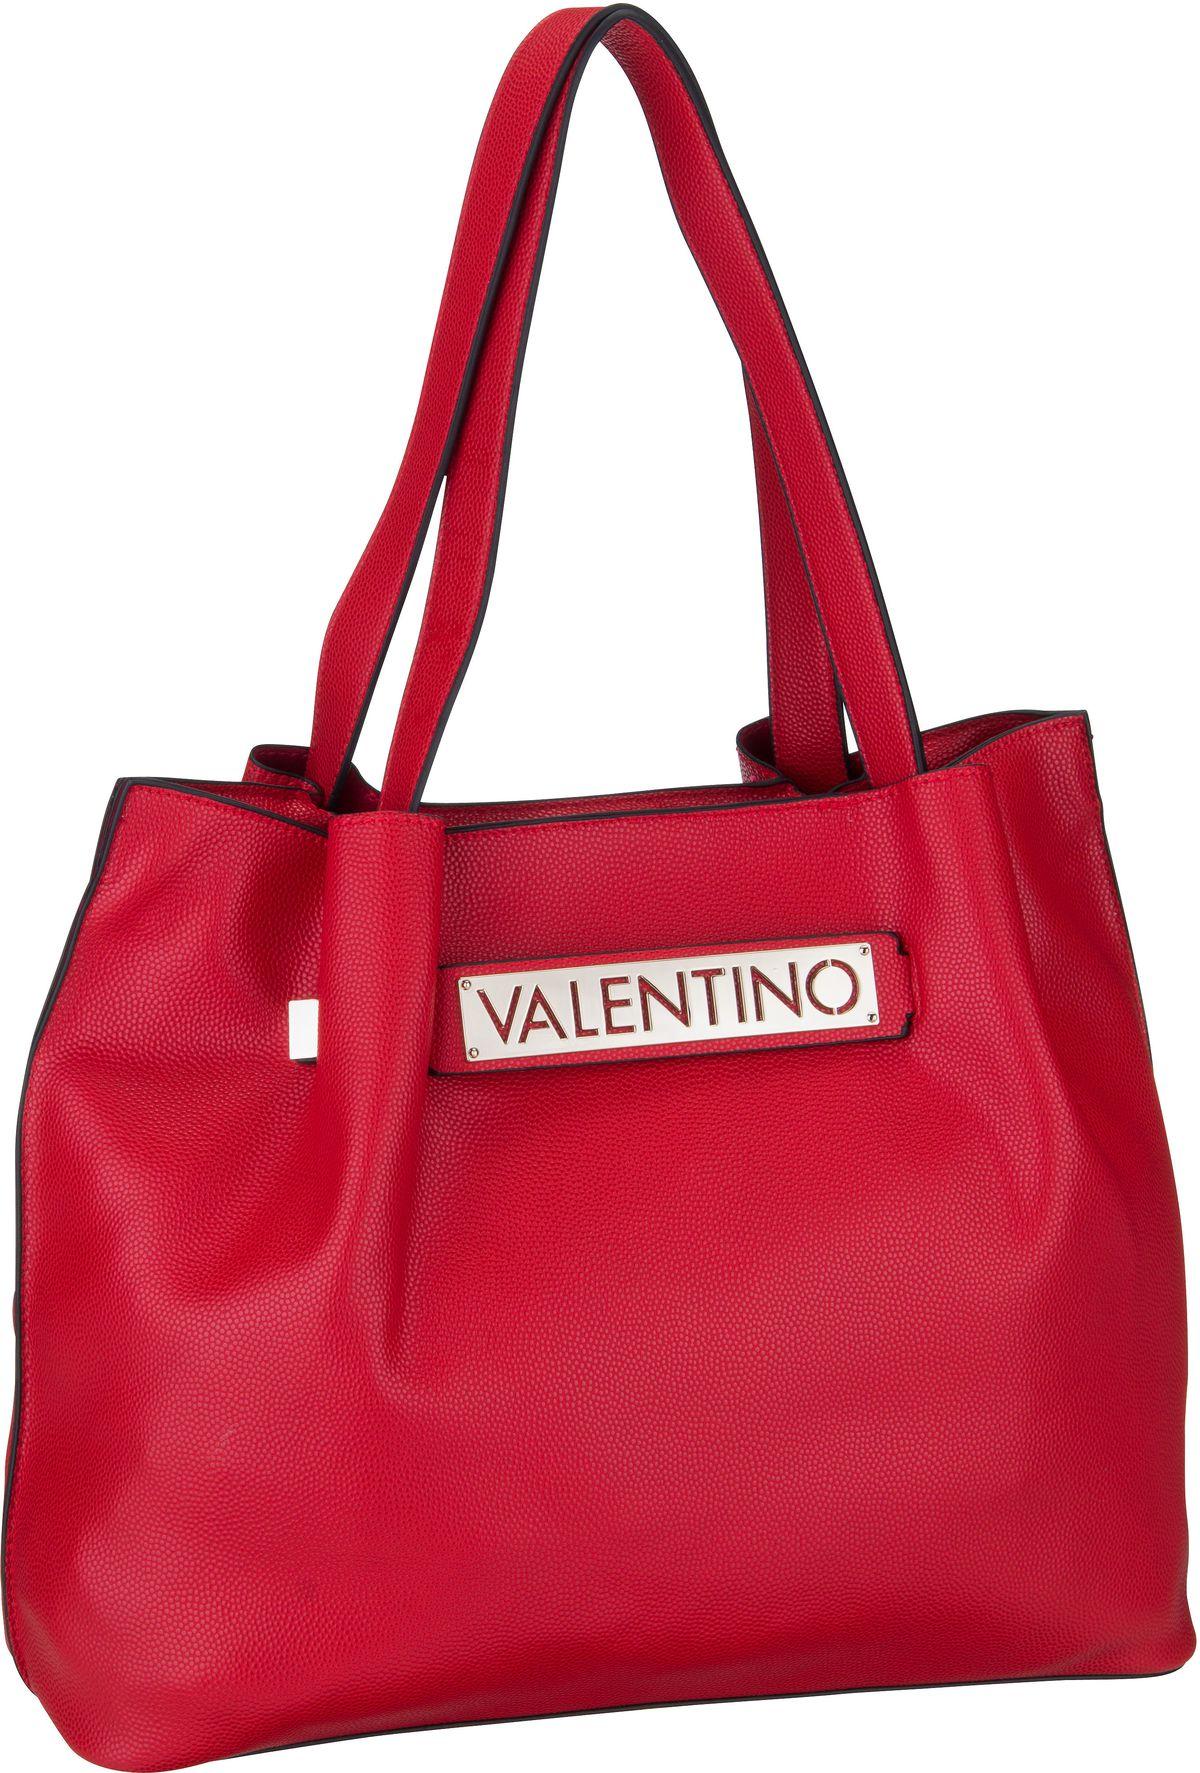 Bags Shopper Ukulele Shopping 401 Rosso